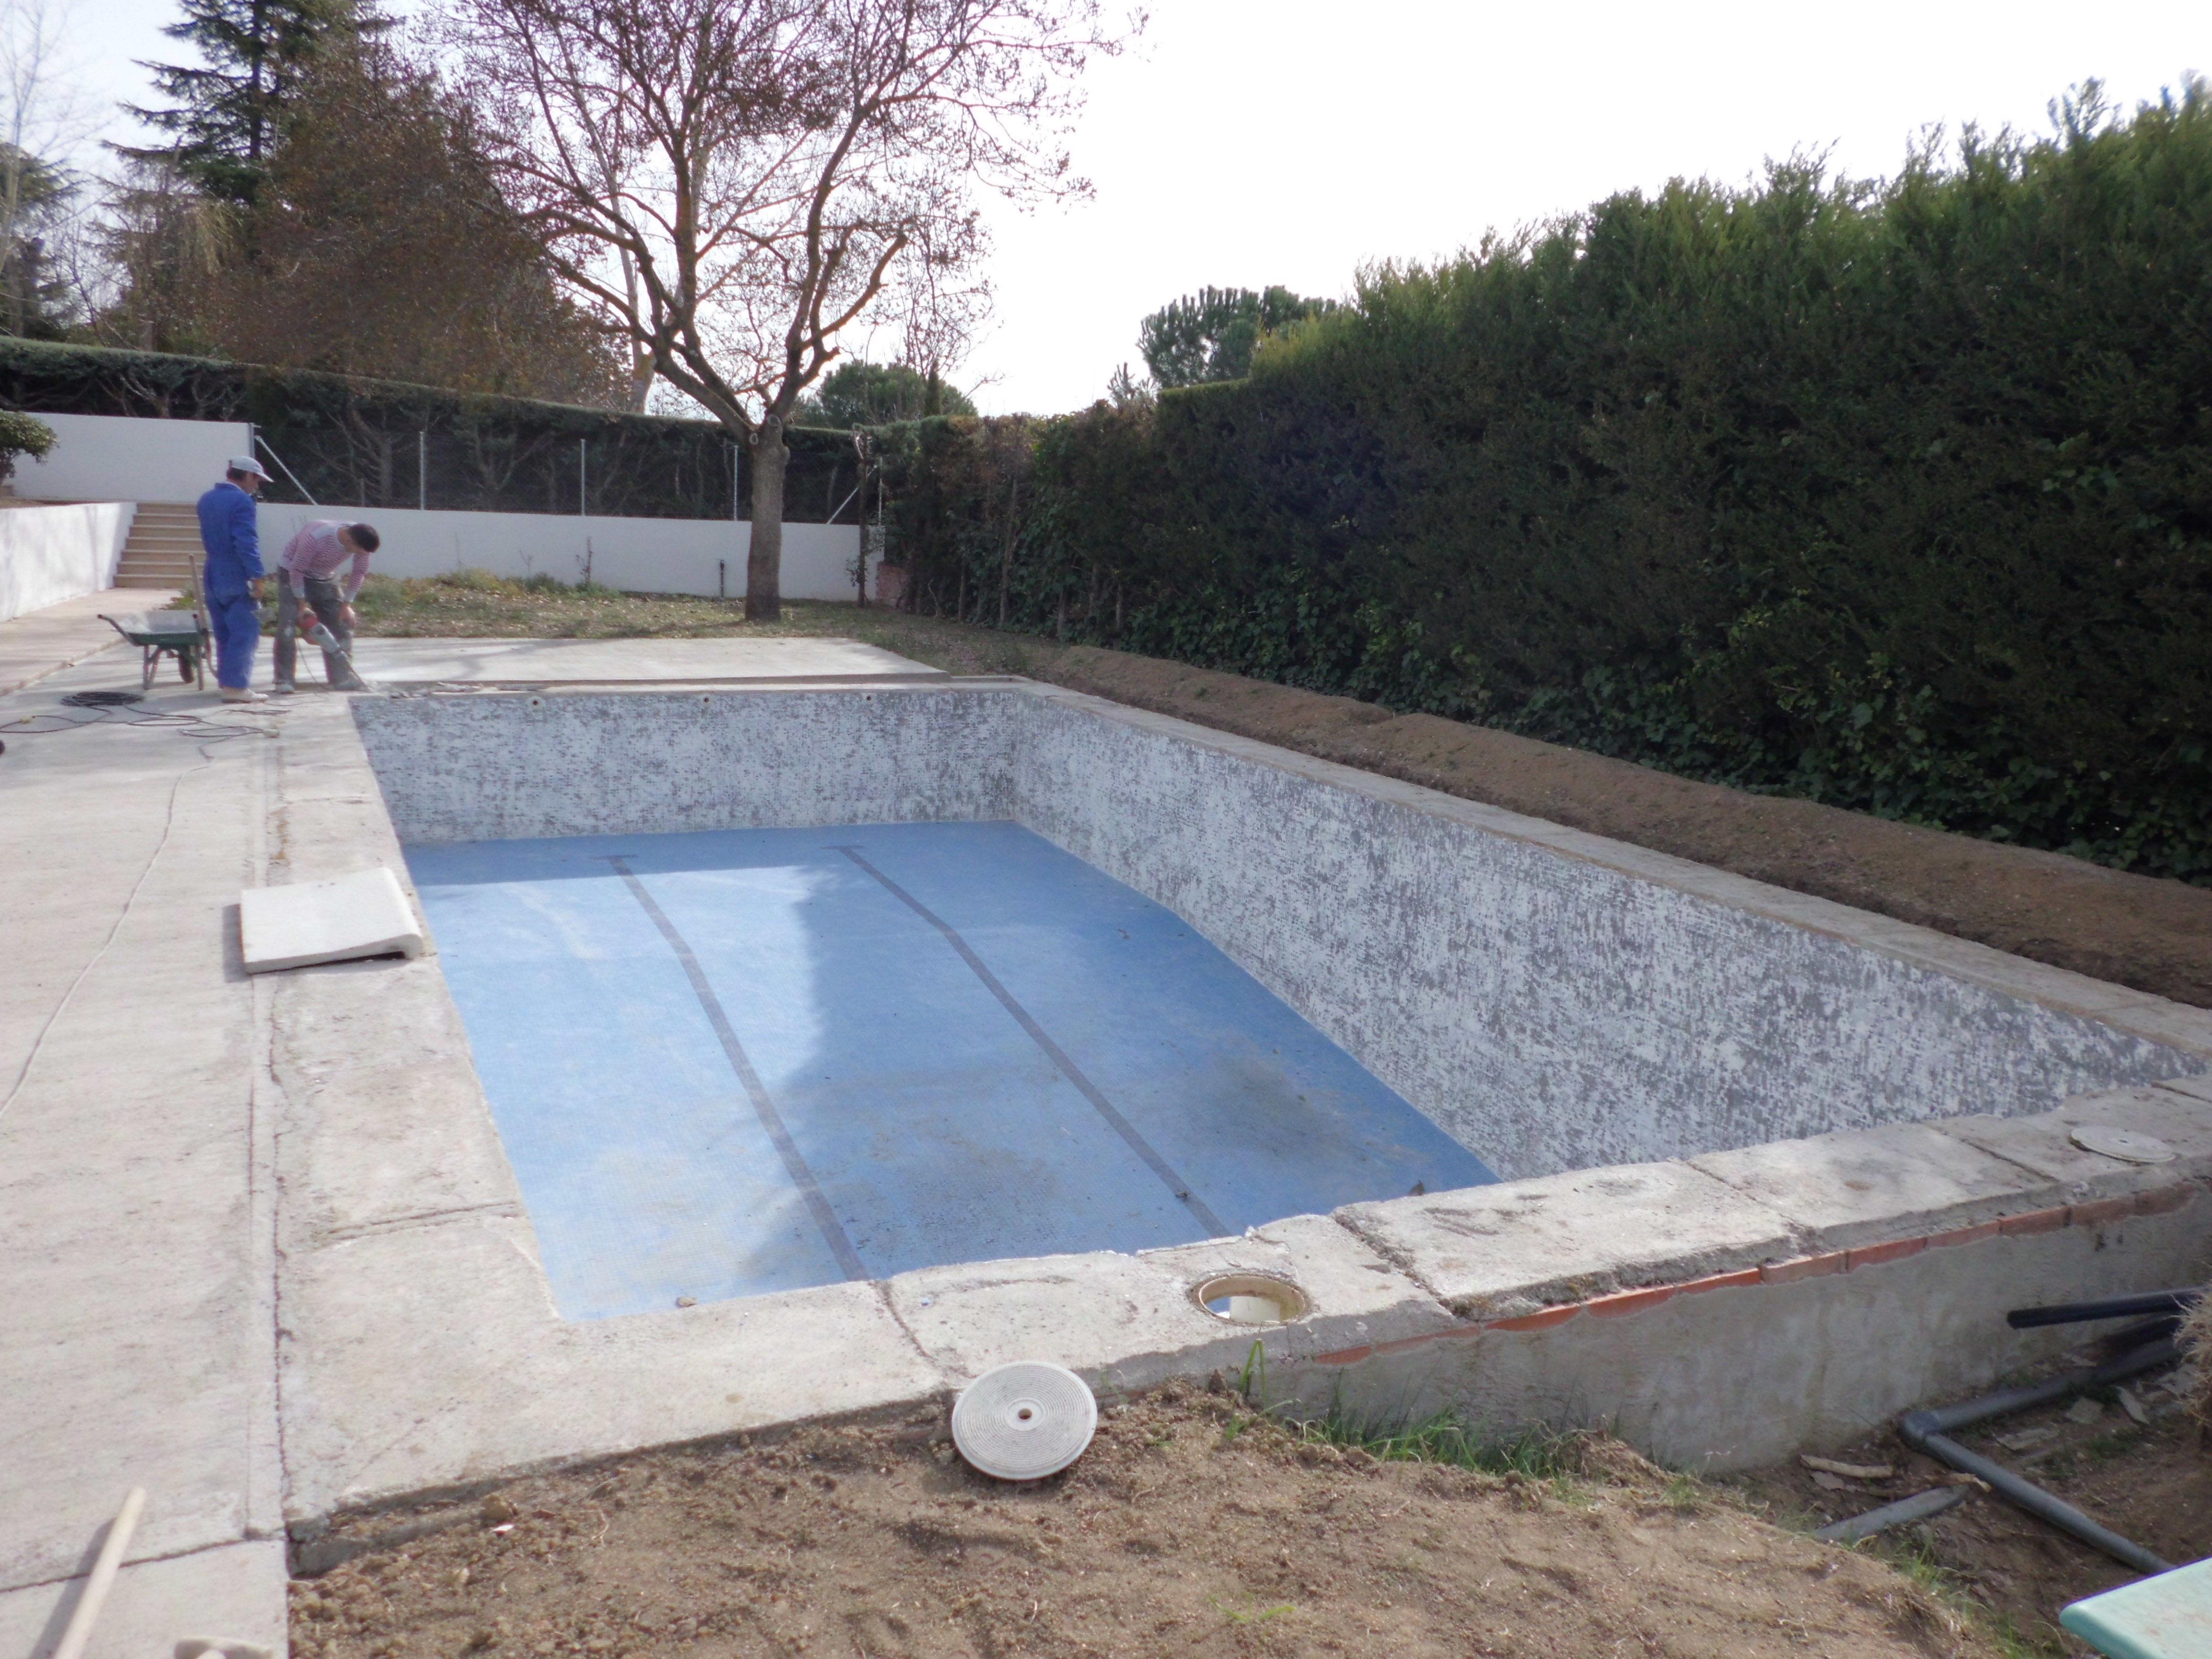 Foto 105 de piscinas instalaci n y mantenimiento en for Hablemos de piscinas